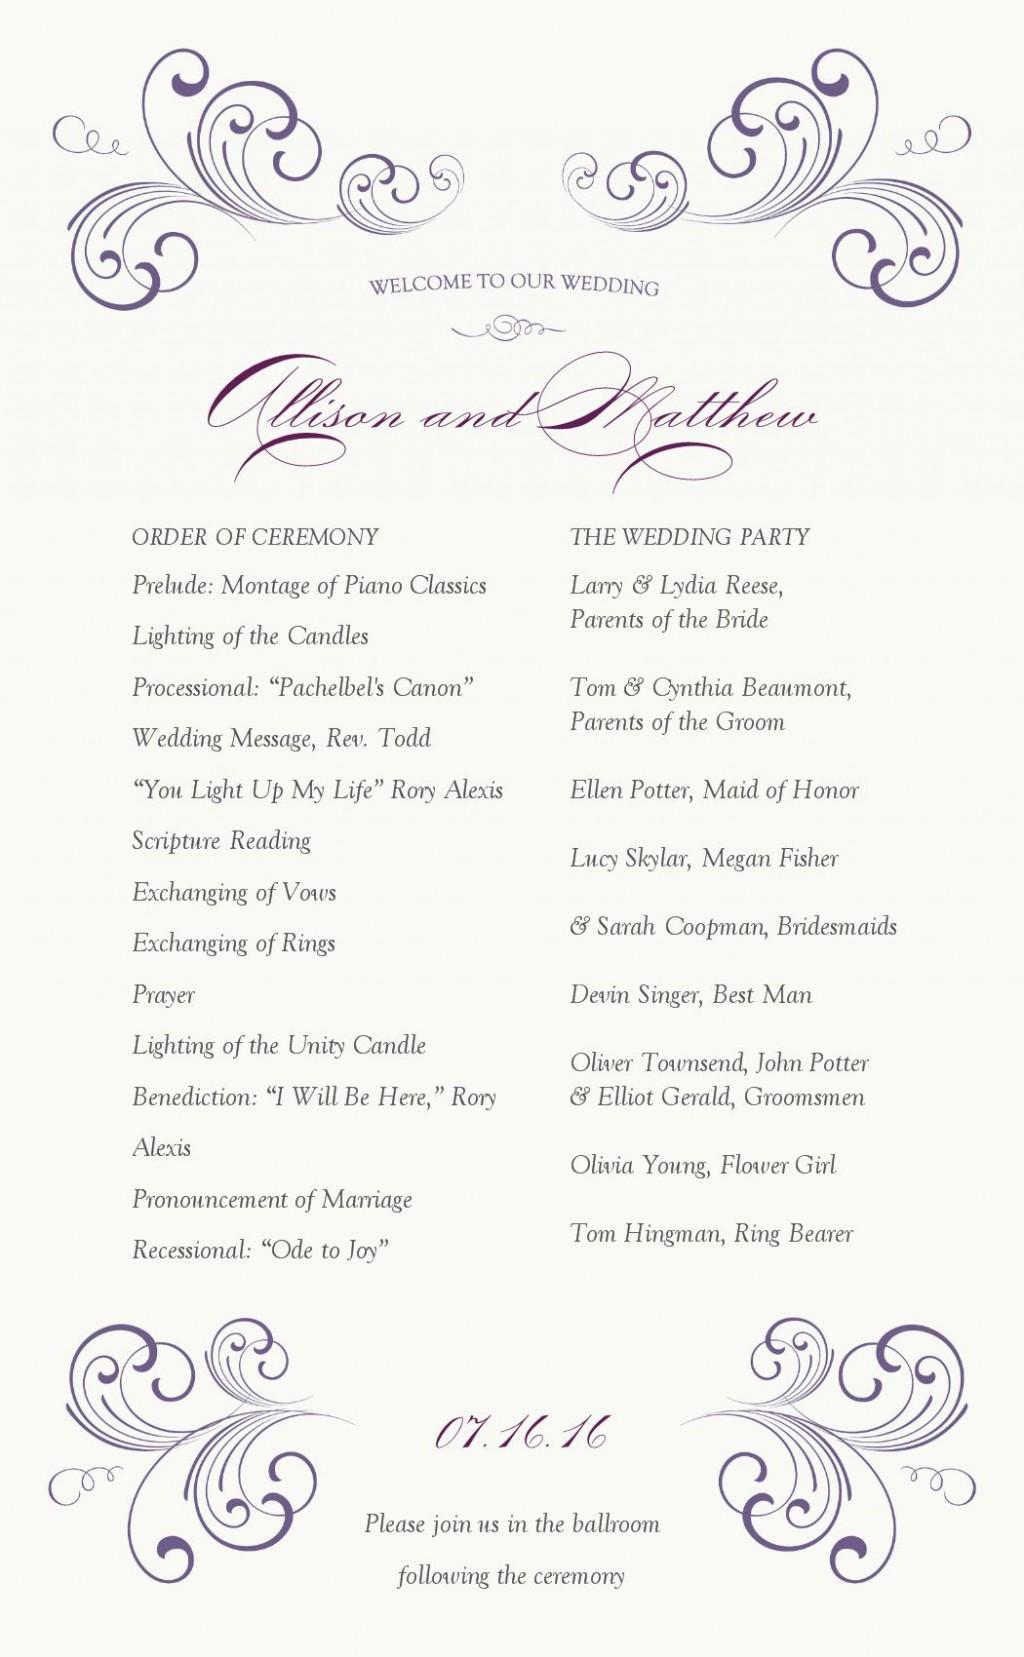 006 Wondrou One Page Wedding Program Template Highest Clarity  Ceremony FreeLarge